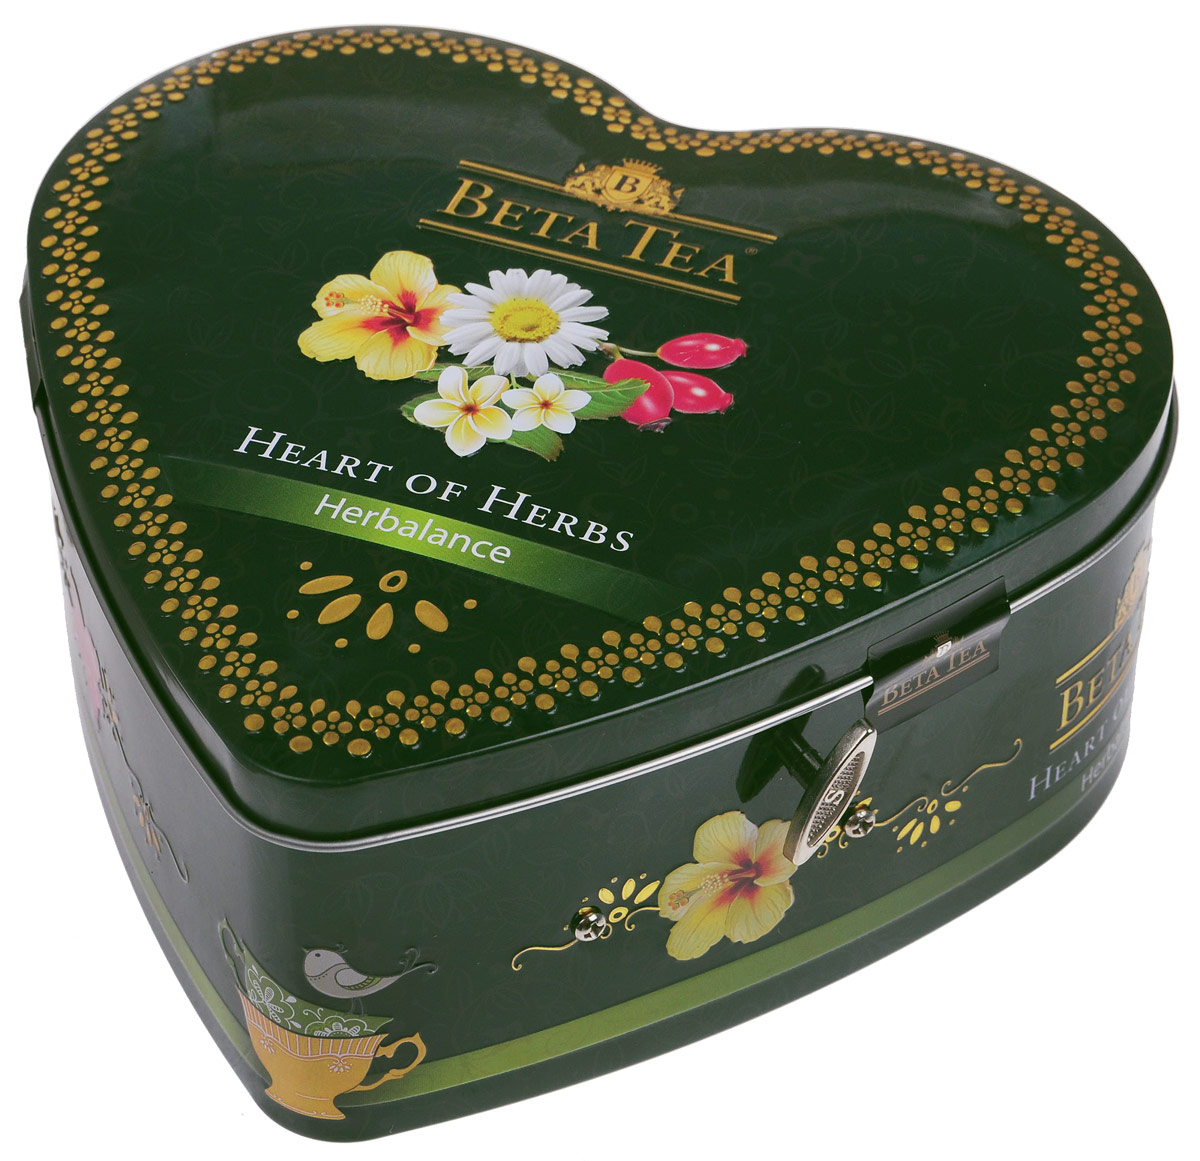 Beta Tea Травяной чай в пакетиках, 40 шт (музыкальная шкатулка)8690717011394Сама природа подарила нам чайный набор Бета Травяной. Необычайно мягкие, бесконечно длящиеся вкусы чая Бета Травяной являются прекрасным средством профилактики от стресса. С каждым глотком сила чая дает ощущение блаженного спокойствия и душевного равновесия.В состав входят:Бета Чай Травяная композиция с ромашкой. 10 пакетиков по 1,5 г.Бета Чай Травяная композиция с шиповником. 10 пакетиков по 2 г.Бета Чай Травяная композиция Слимфит. 10 пакетиков по 2 г.Бета Чай Травяная композиция с каркадэ. 10 пакетиков по 2 г.